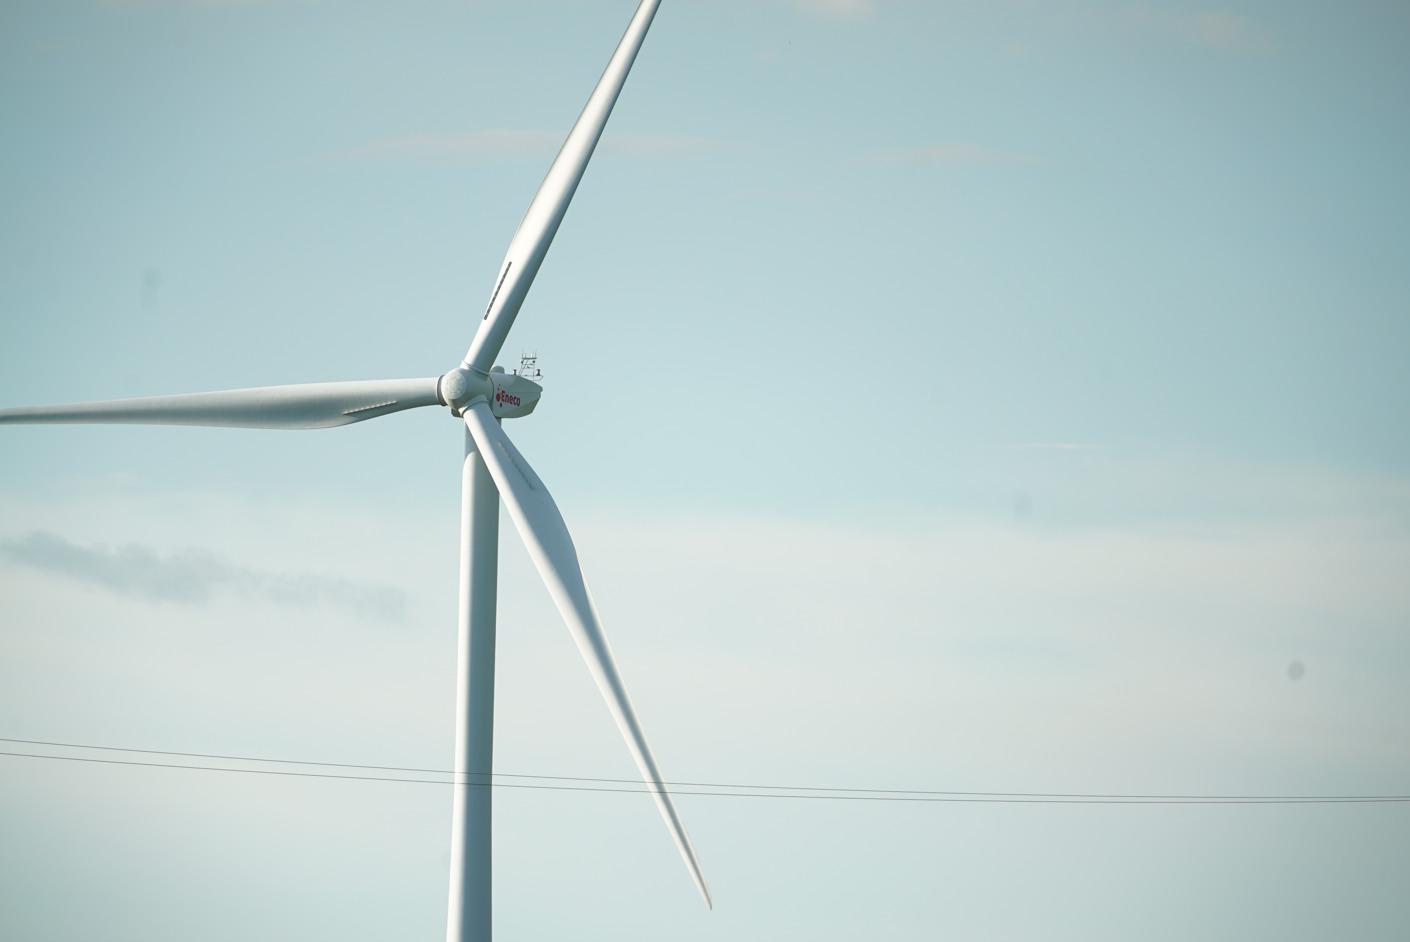 Eneco en de Belgische luchtmacht ontwikkelen systeem om knipperende waarschuwingslichten op windturbines automatisch te doven